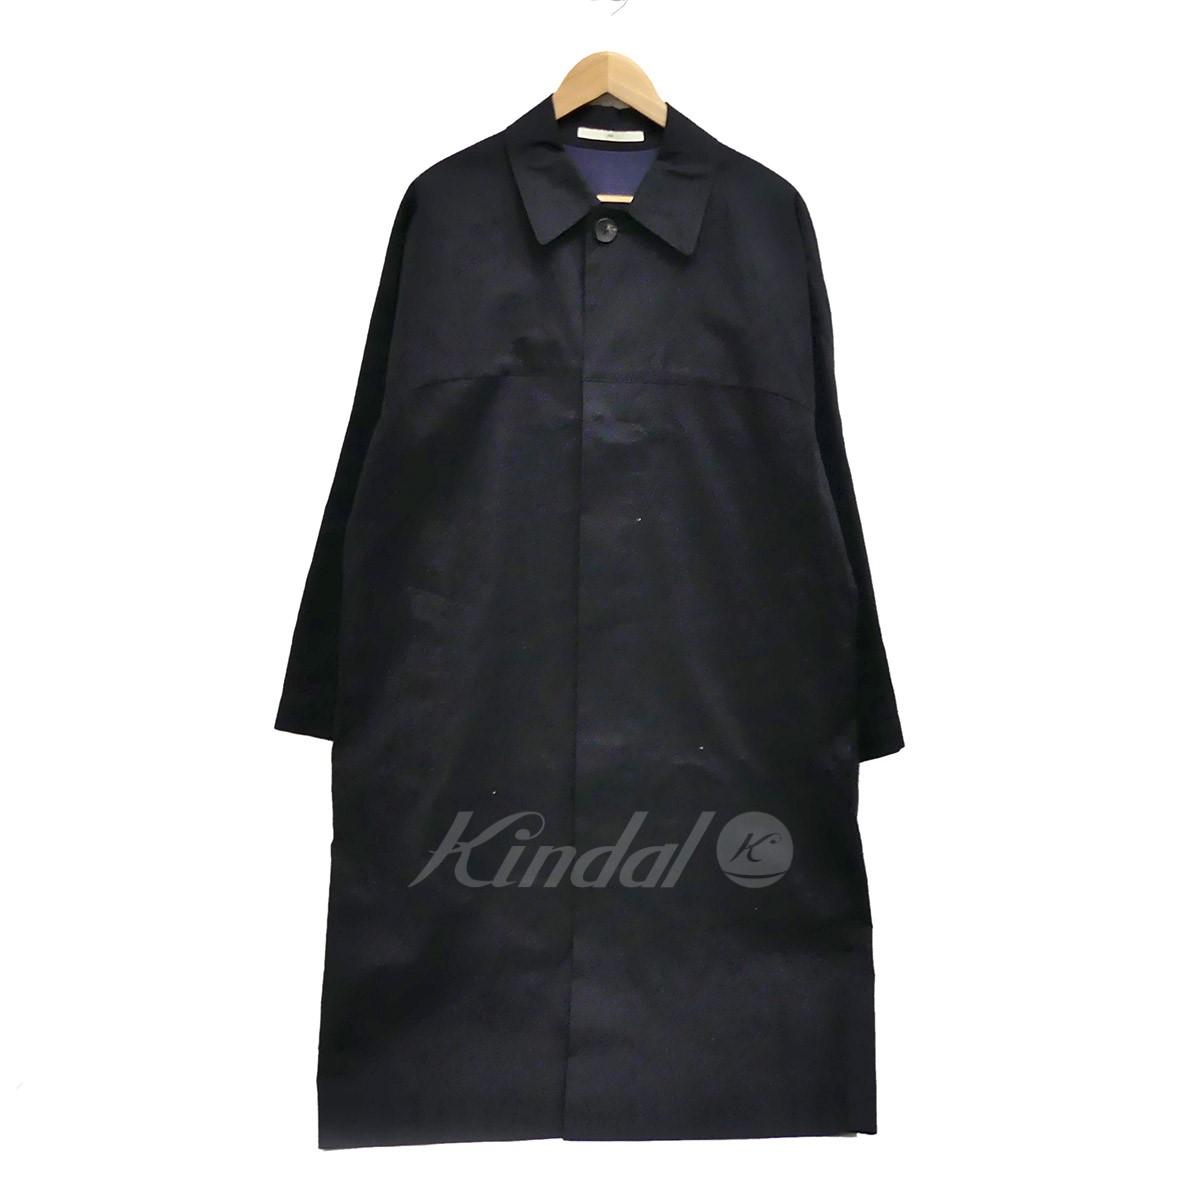 【中古】N4 ステンカラーコート ブラック サイズ:2 【送料無料】 【210319】(エヌフォー)